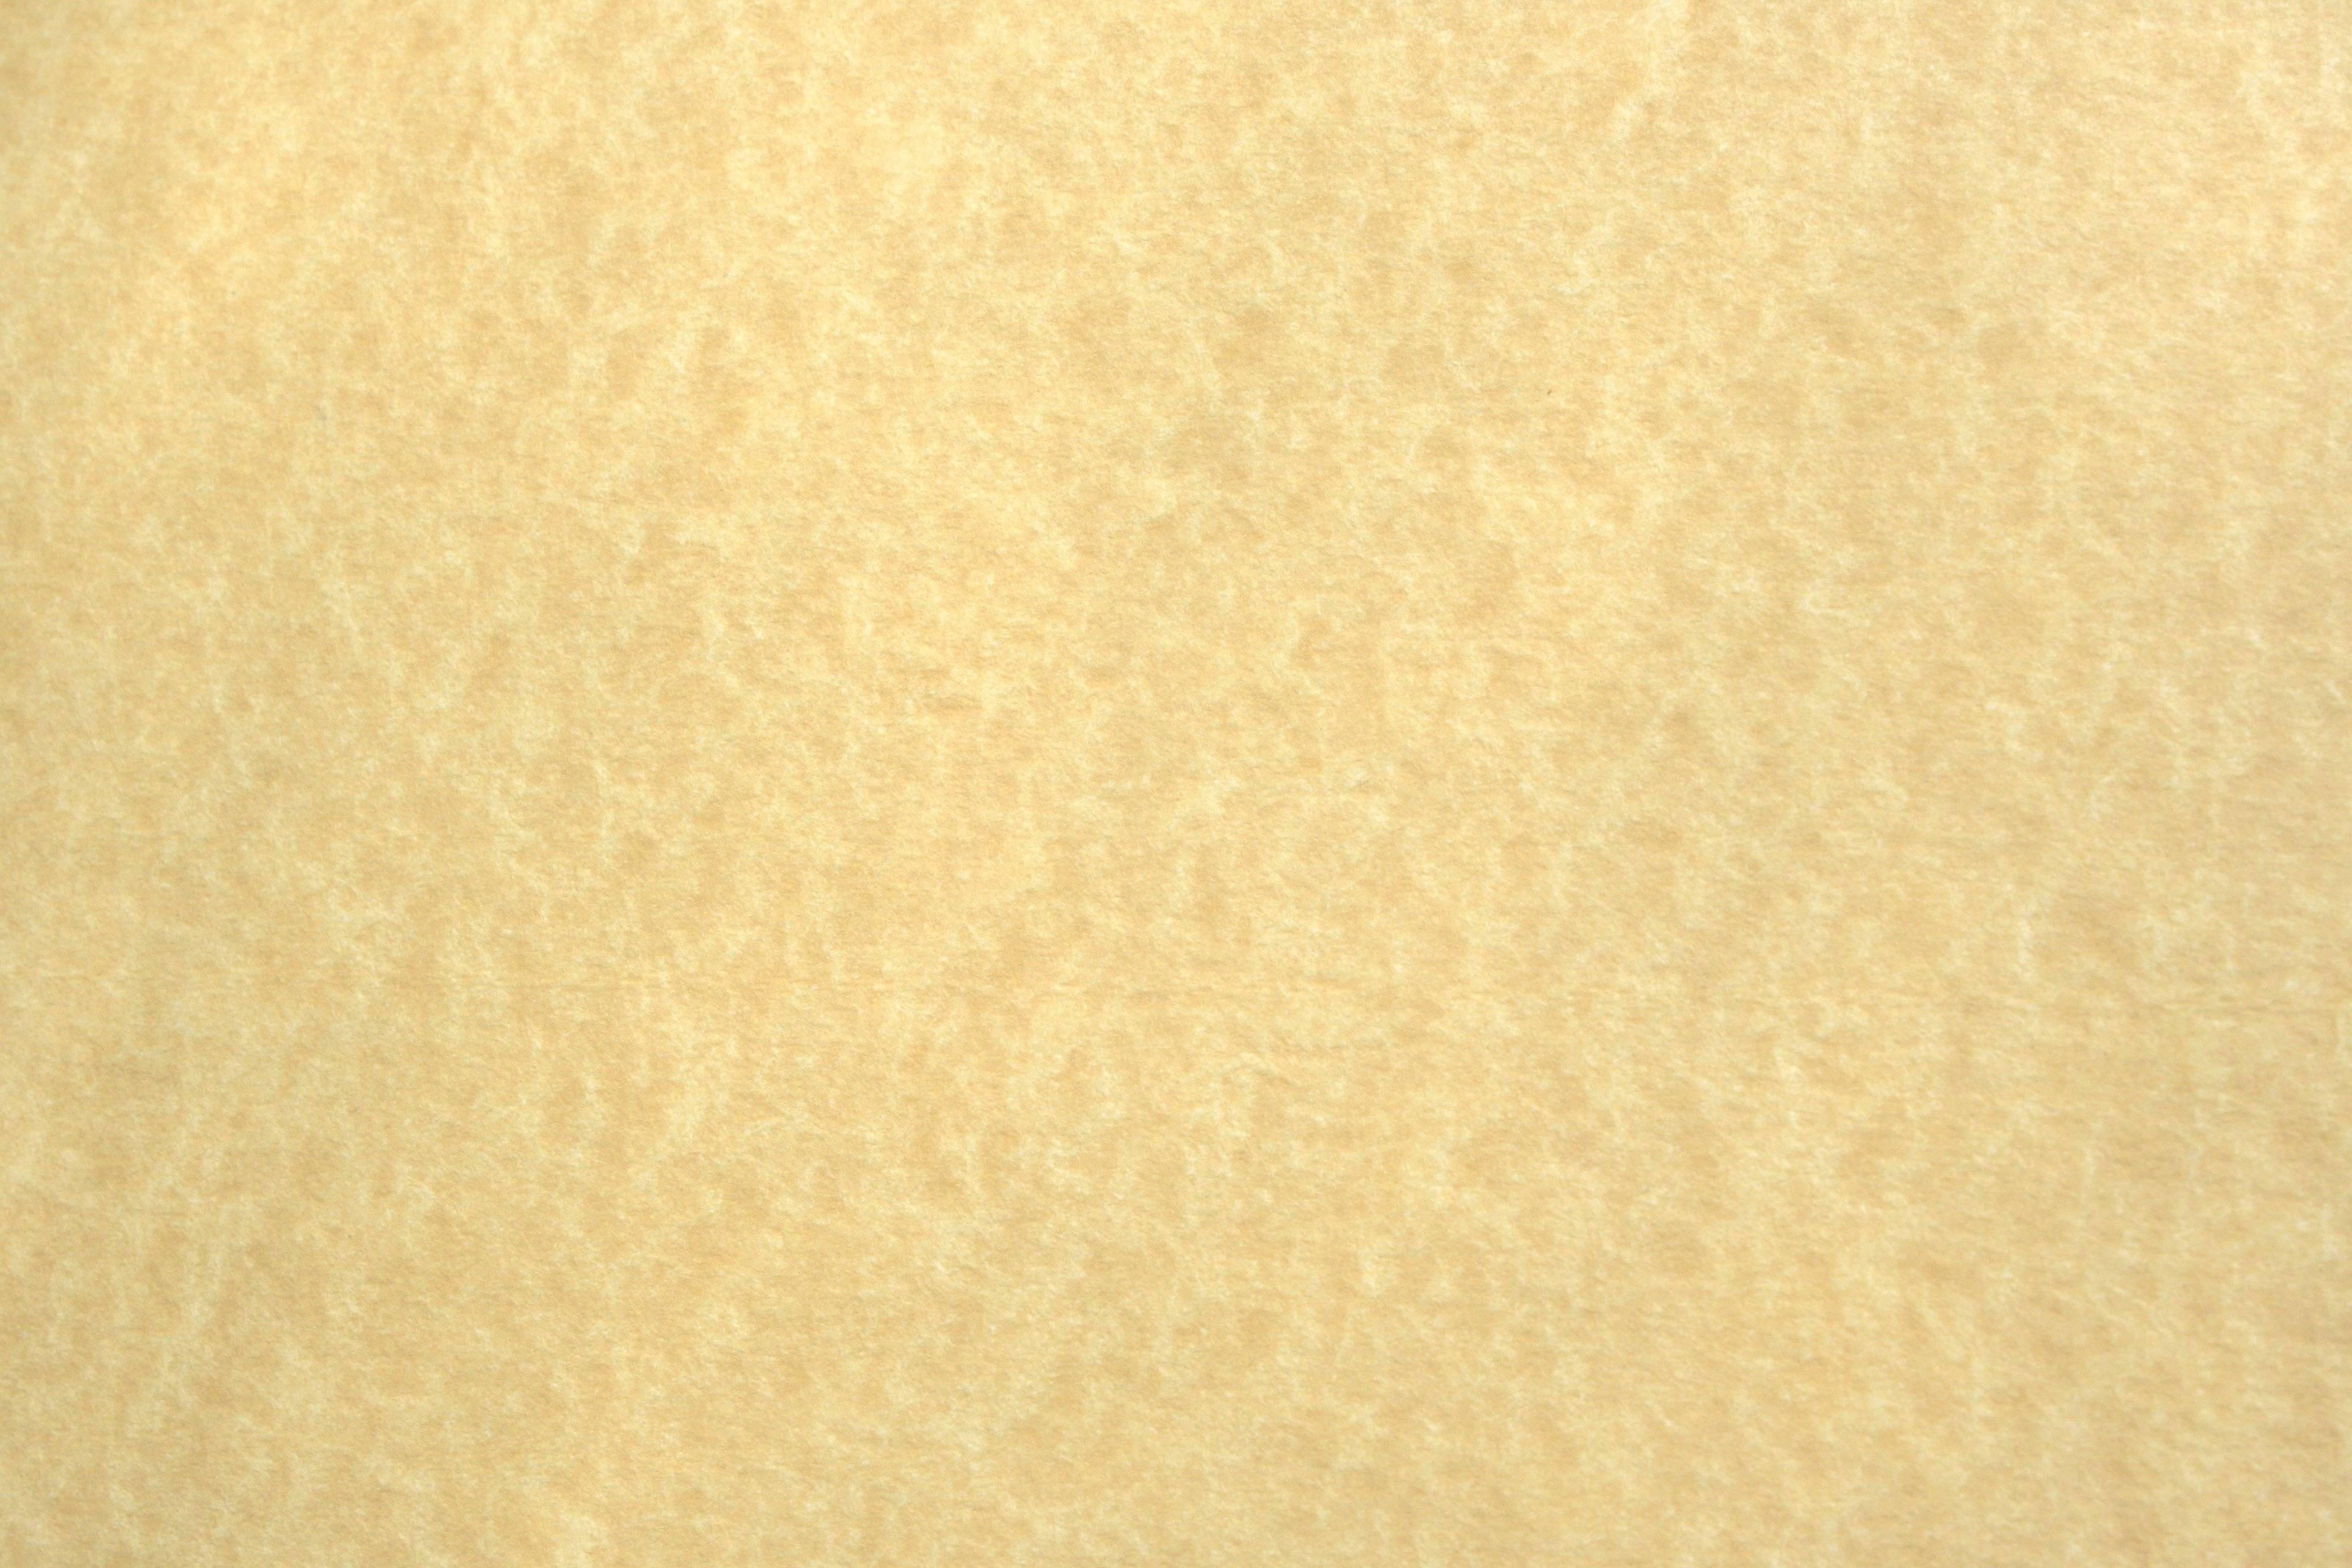 68315d4a537d 3888x2592px Cream Colored Wallpaper - WallpaperSafari